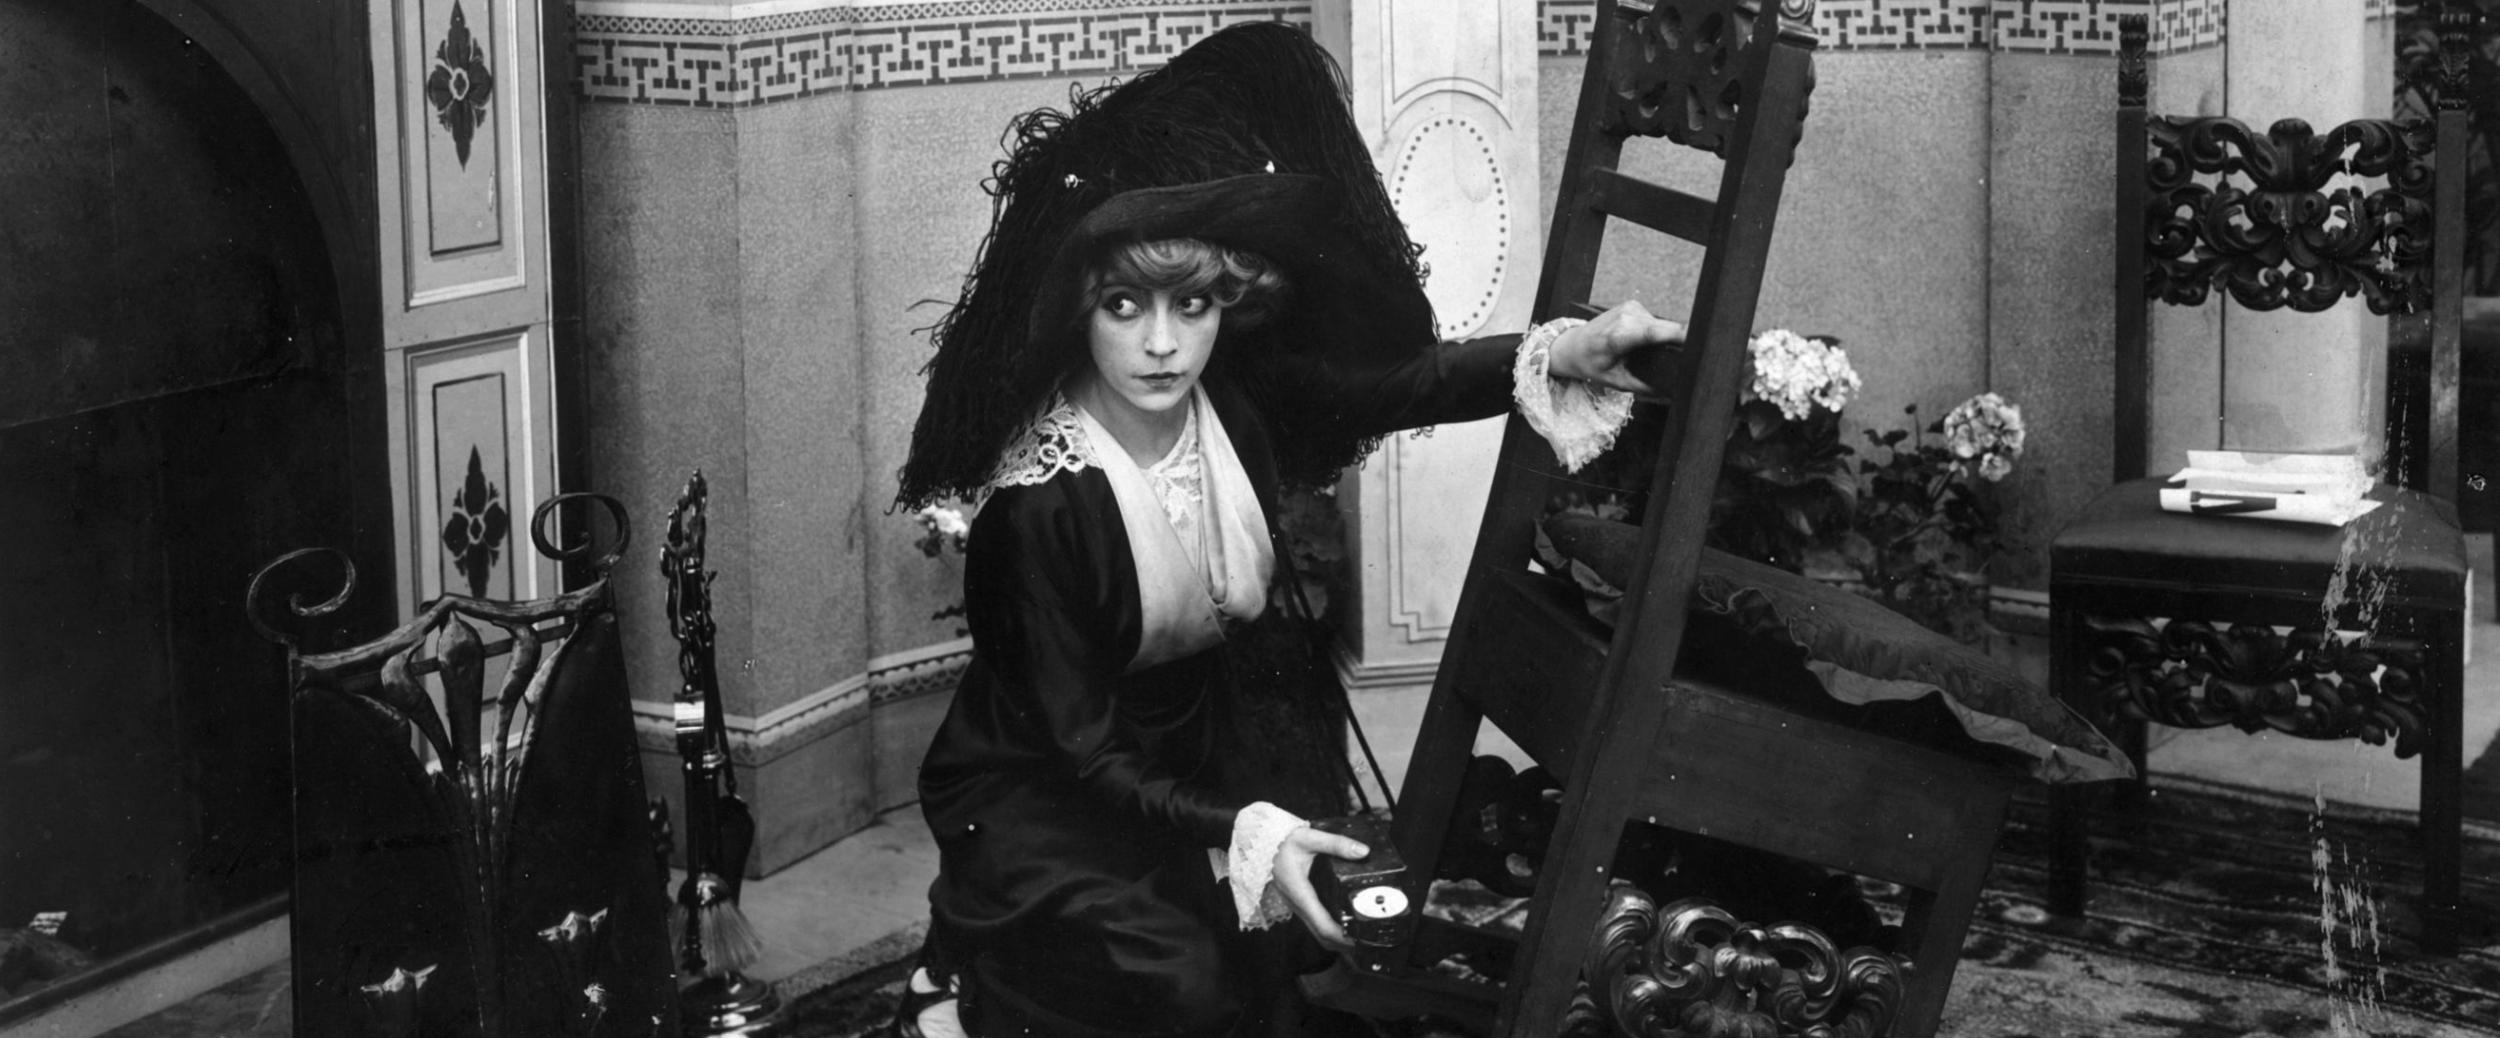 Suffragette_hatavara.png